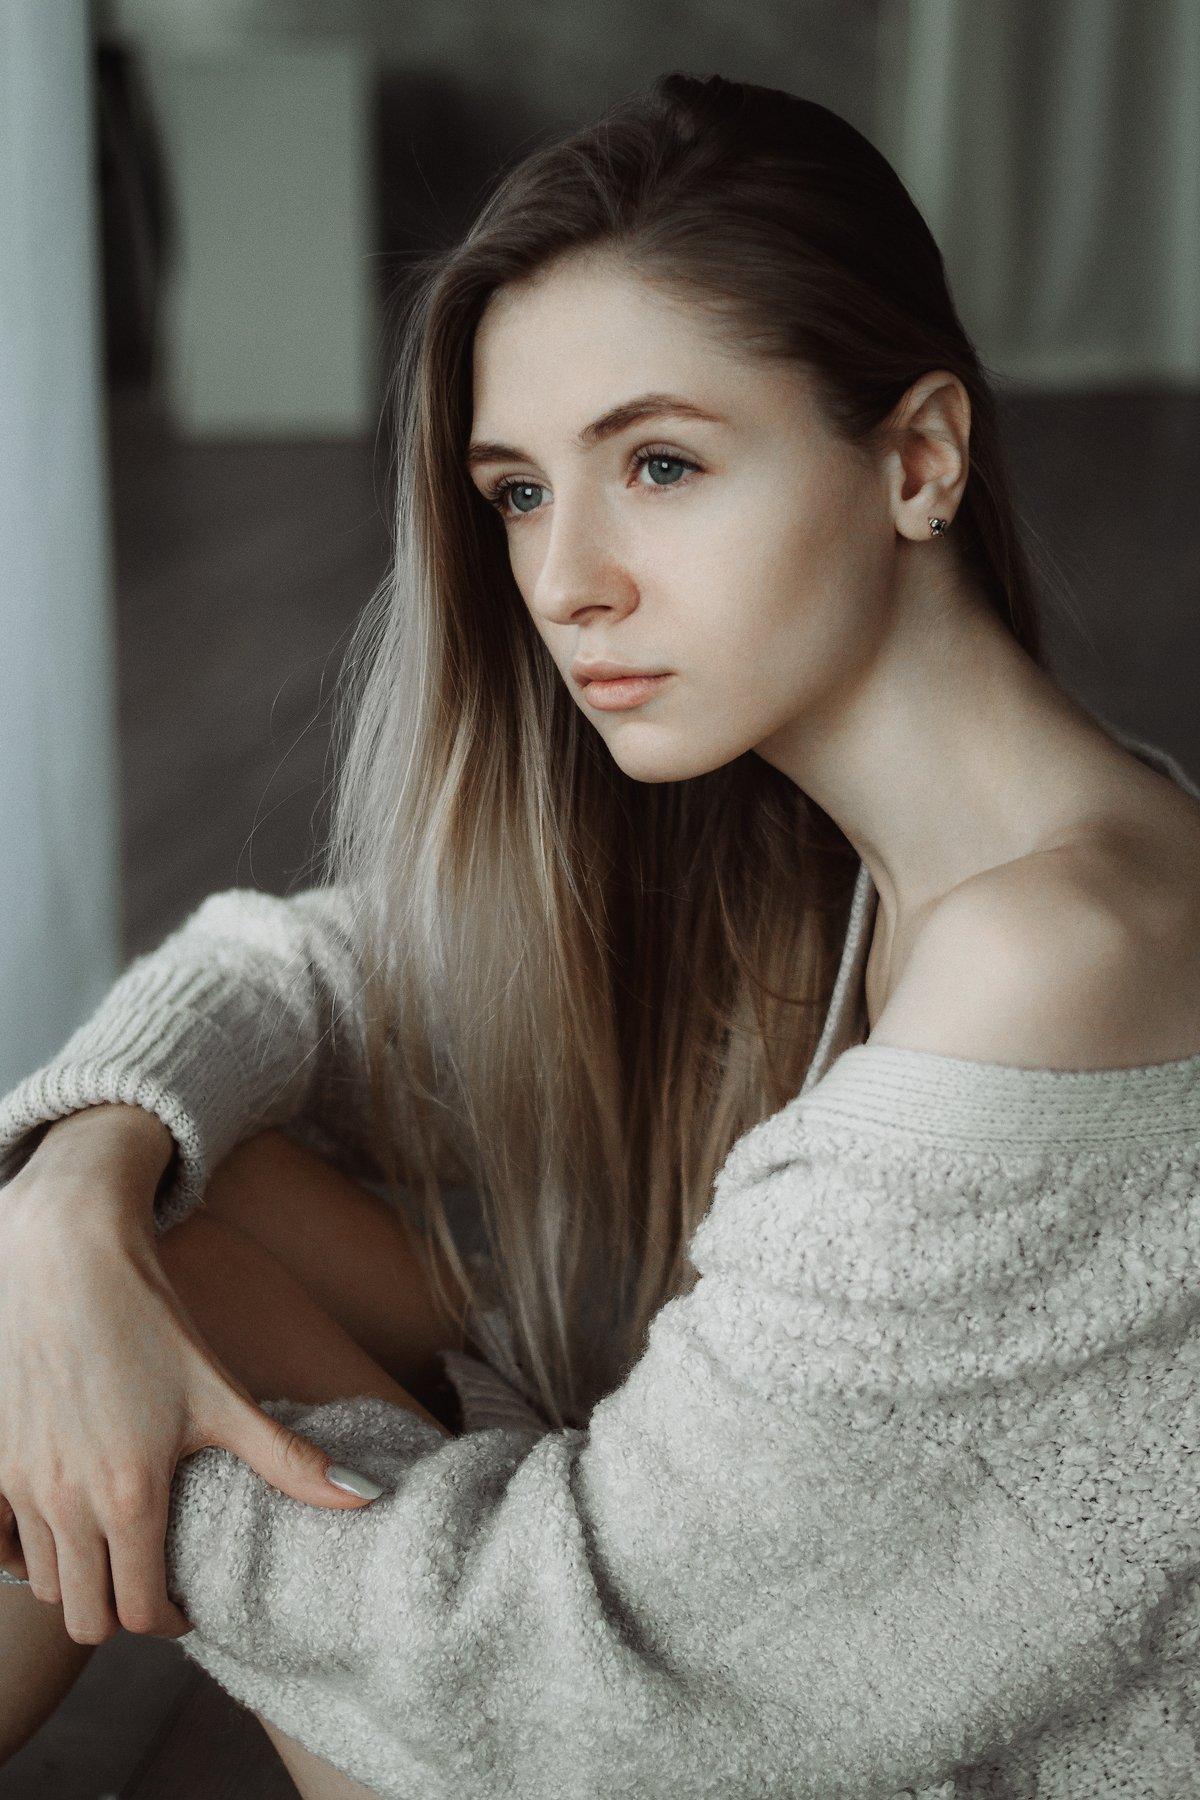 девушка, портрет,  натуральный свет,  модельные тесты, студия, Иван Копченов